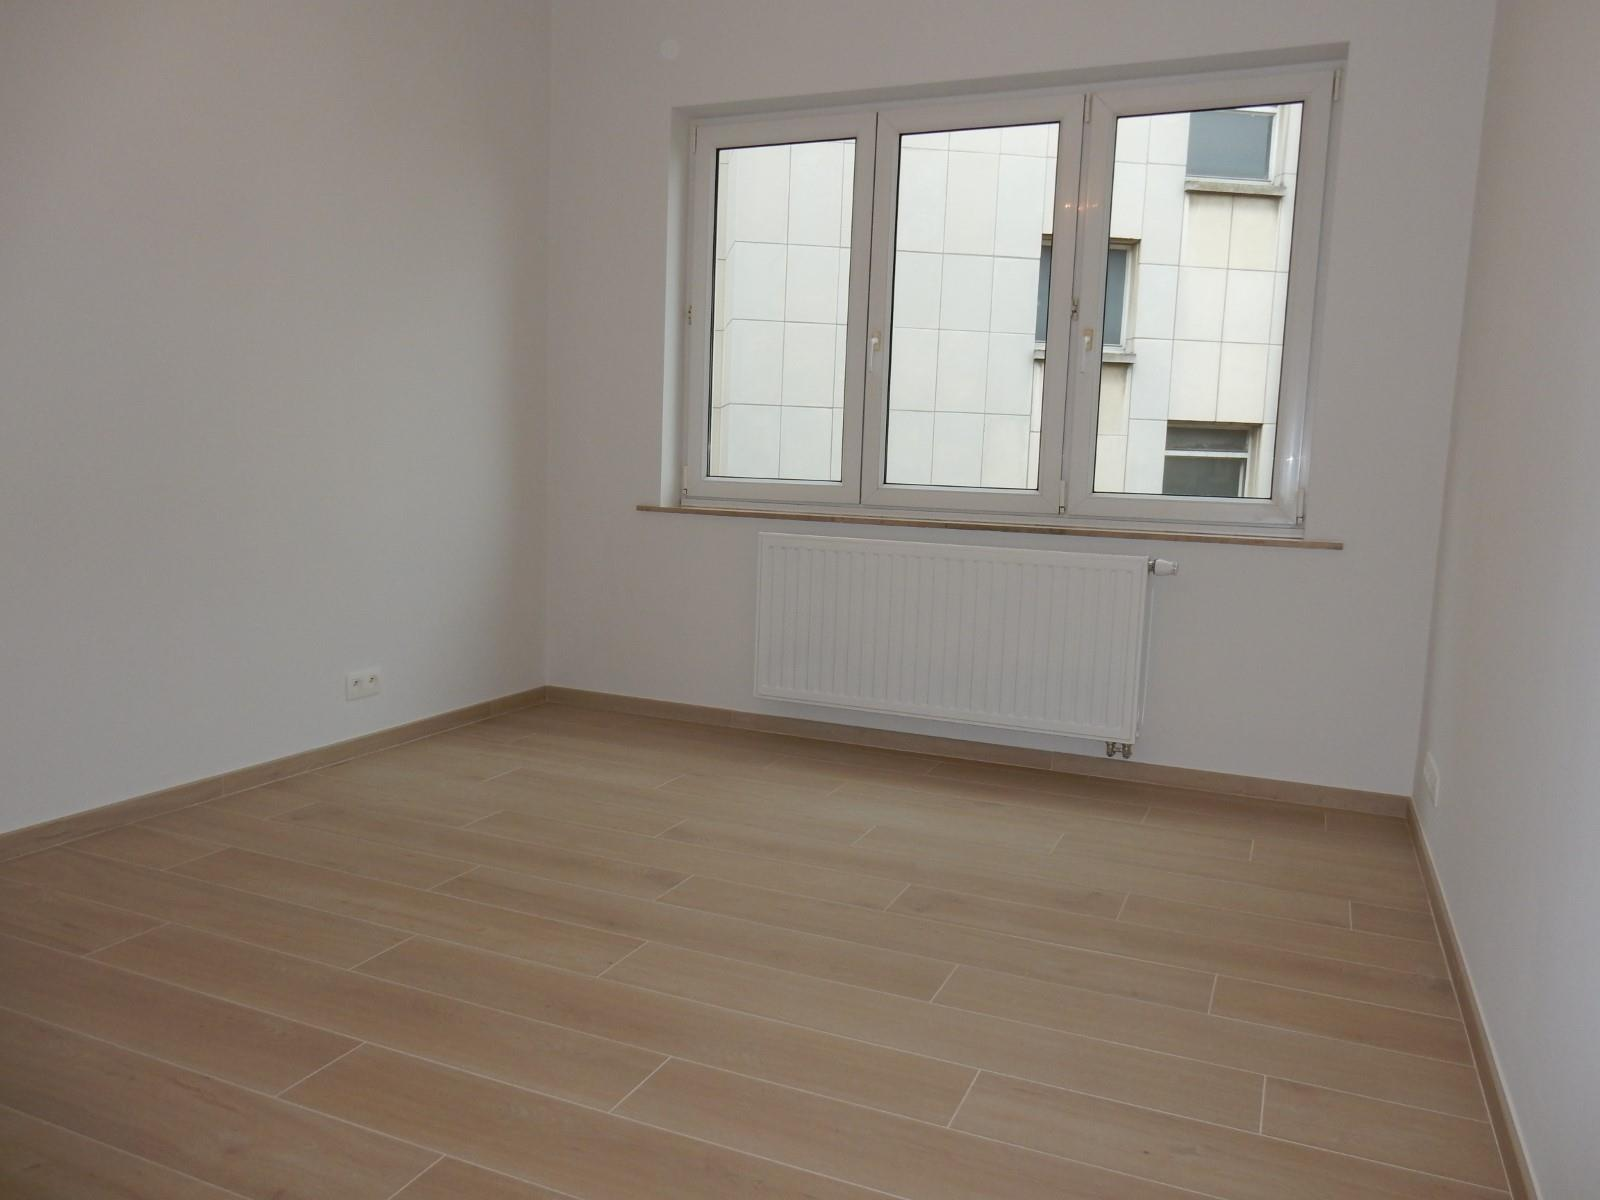 Appartement - Schaerbeek - #4137628-6